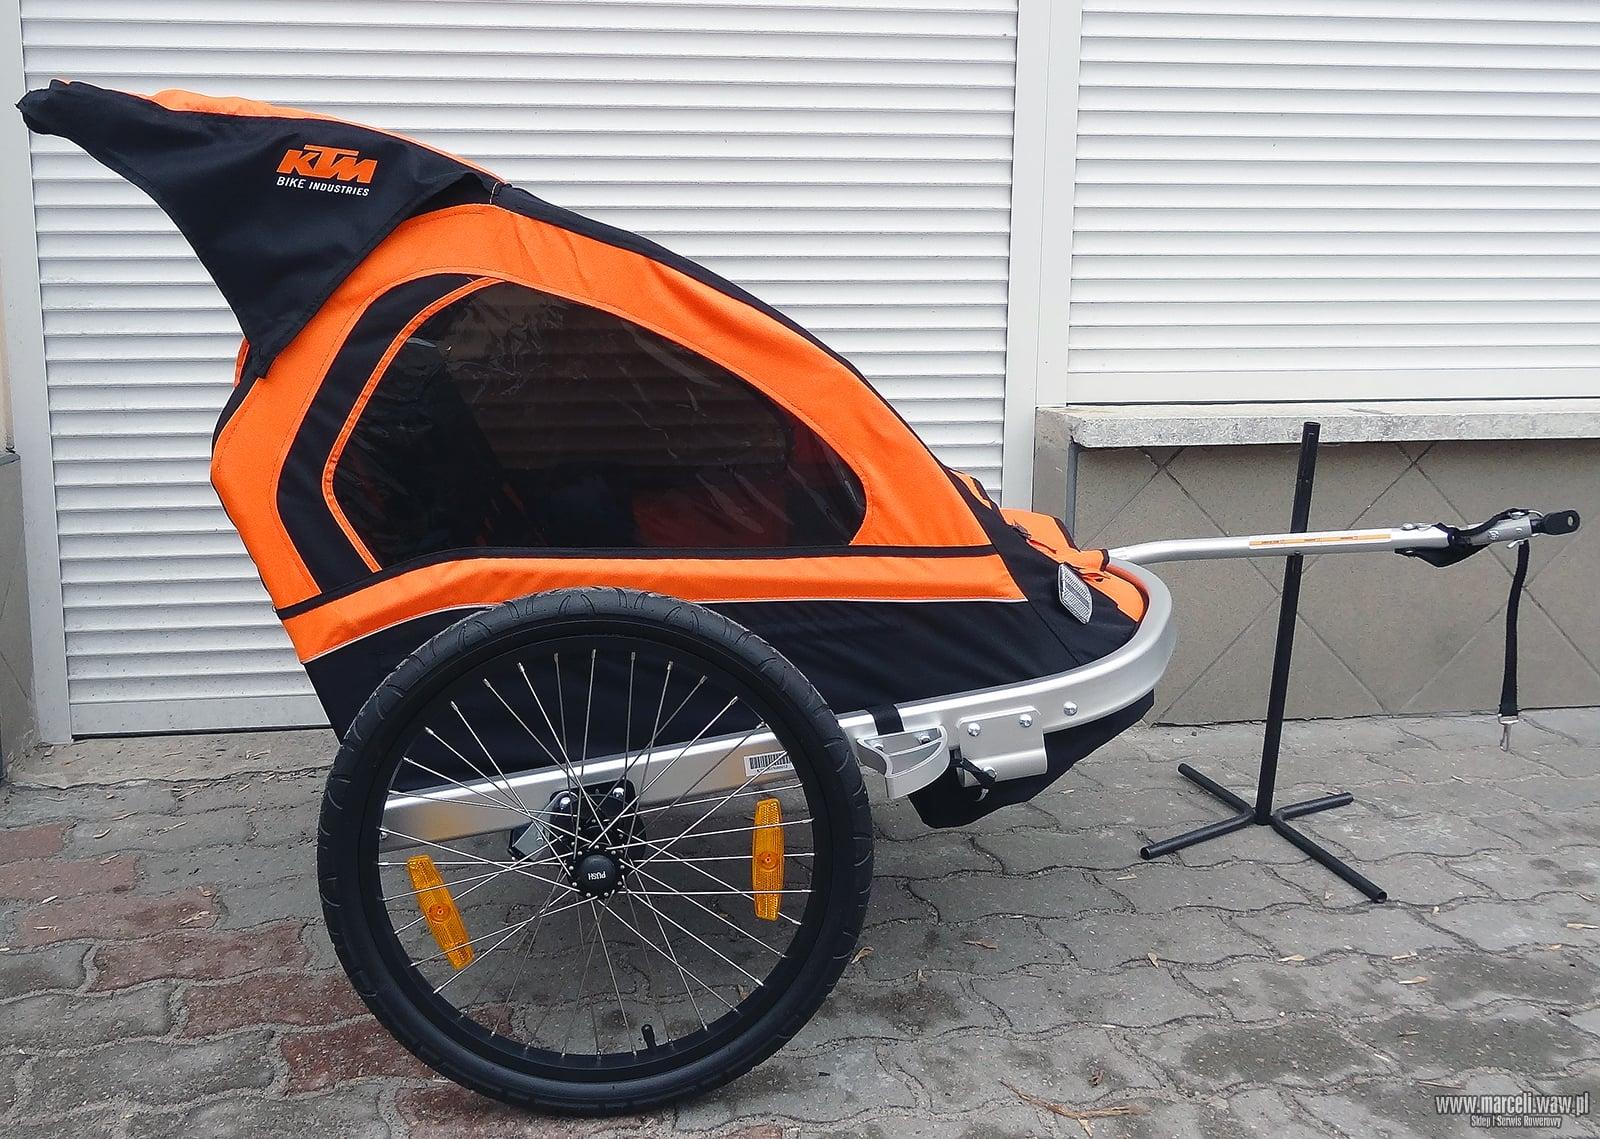 Przyczepka rowerowa, przyczepka do roweru